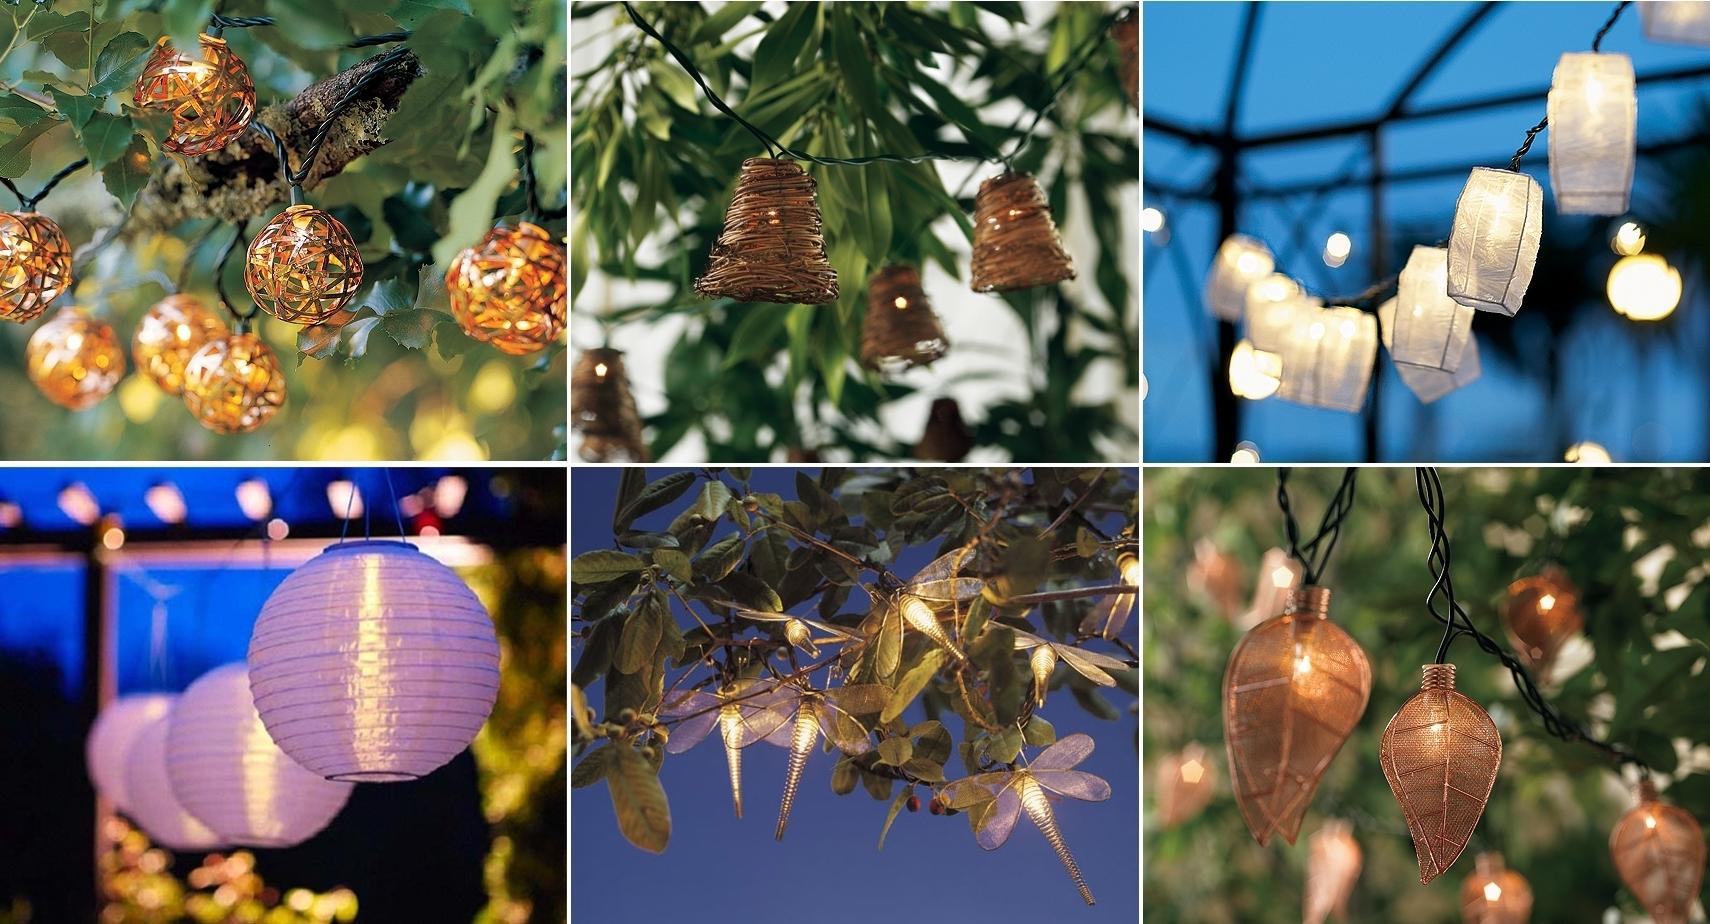 Current Hanging Outdoor Lights On Trees Regarding Outdoor Lighting (View 17 of 20)